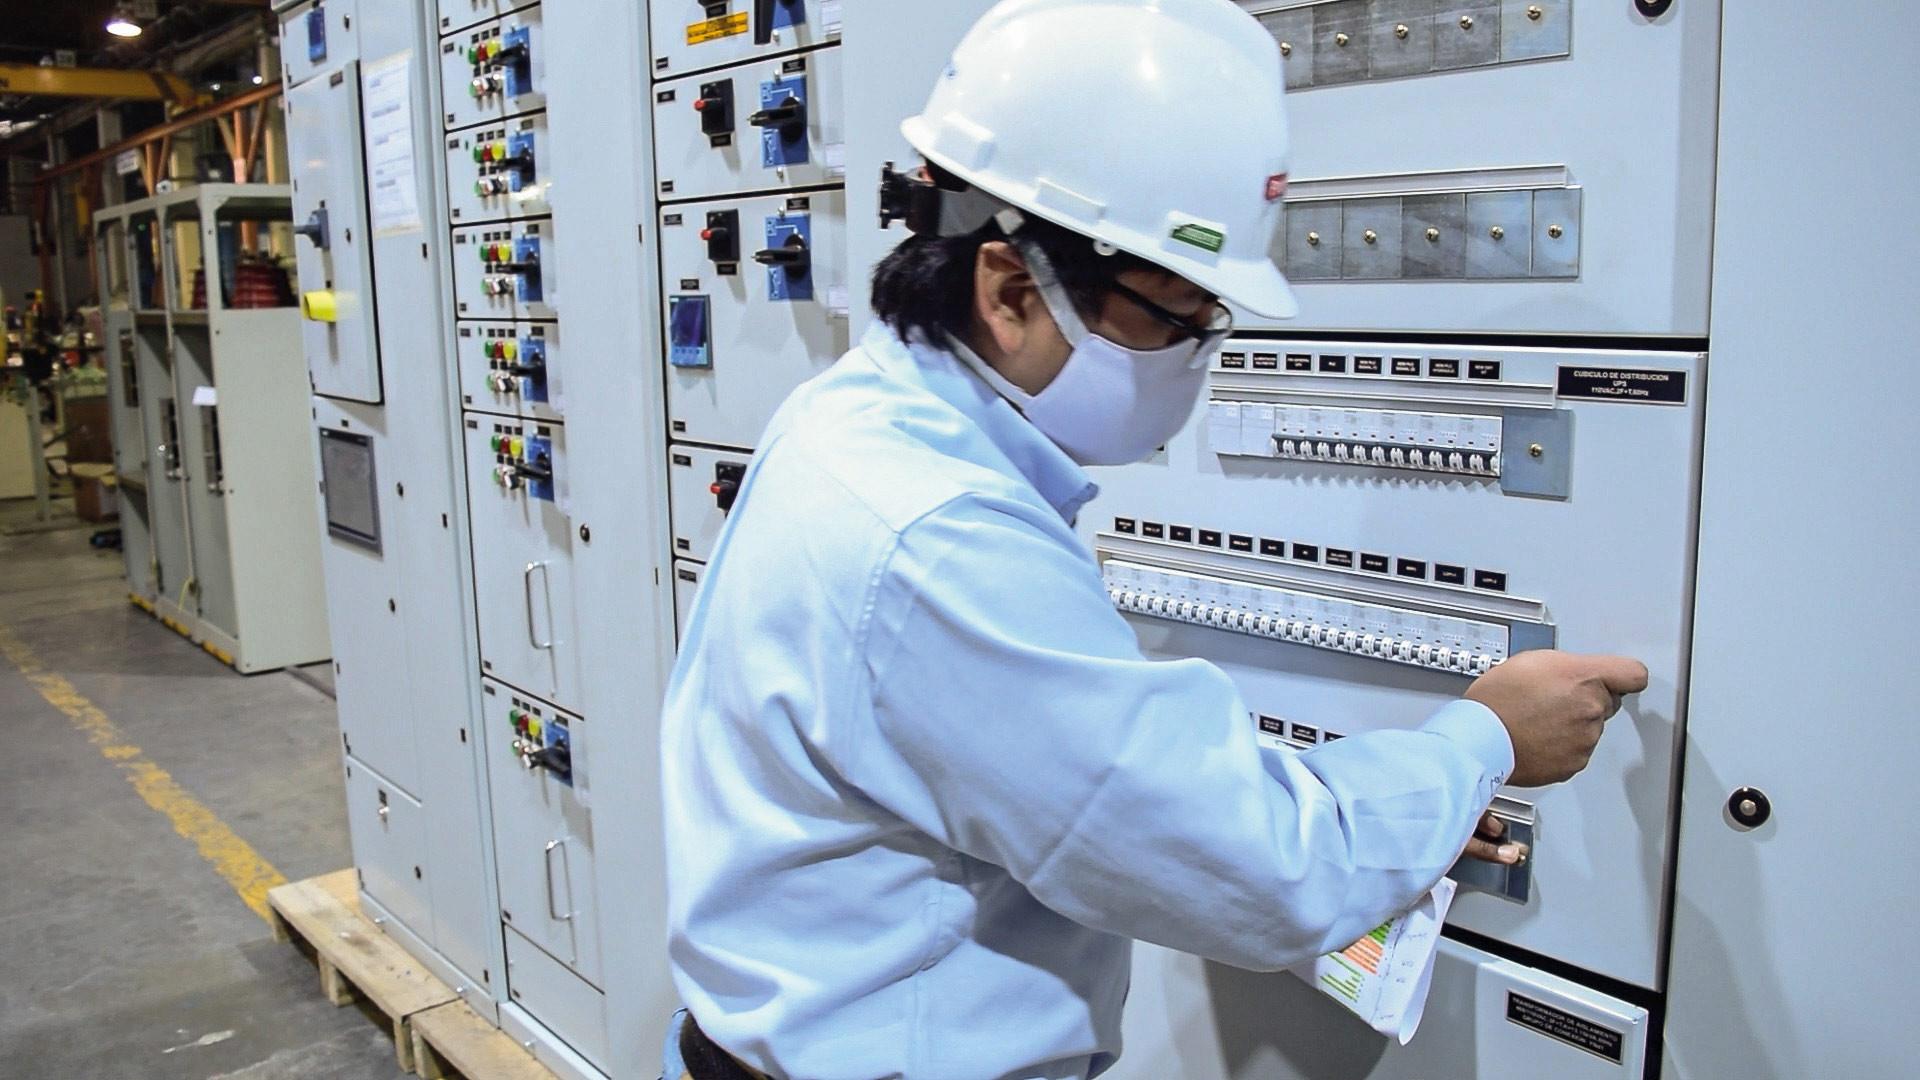 foco-en-promelsa-proveedora-de-materiales-electricos-que-lanzara-su-canal-de-e-commerce-en-el-2021